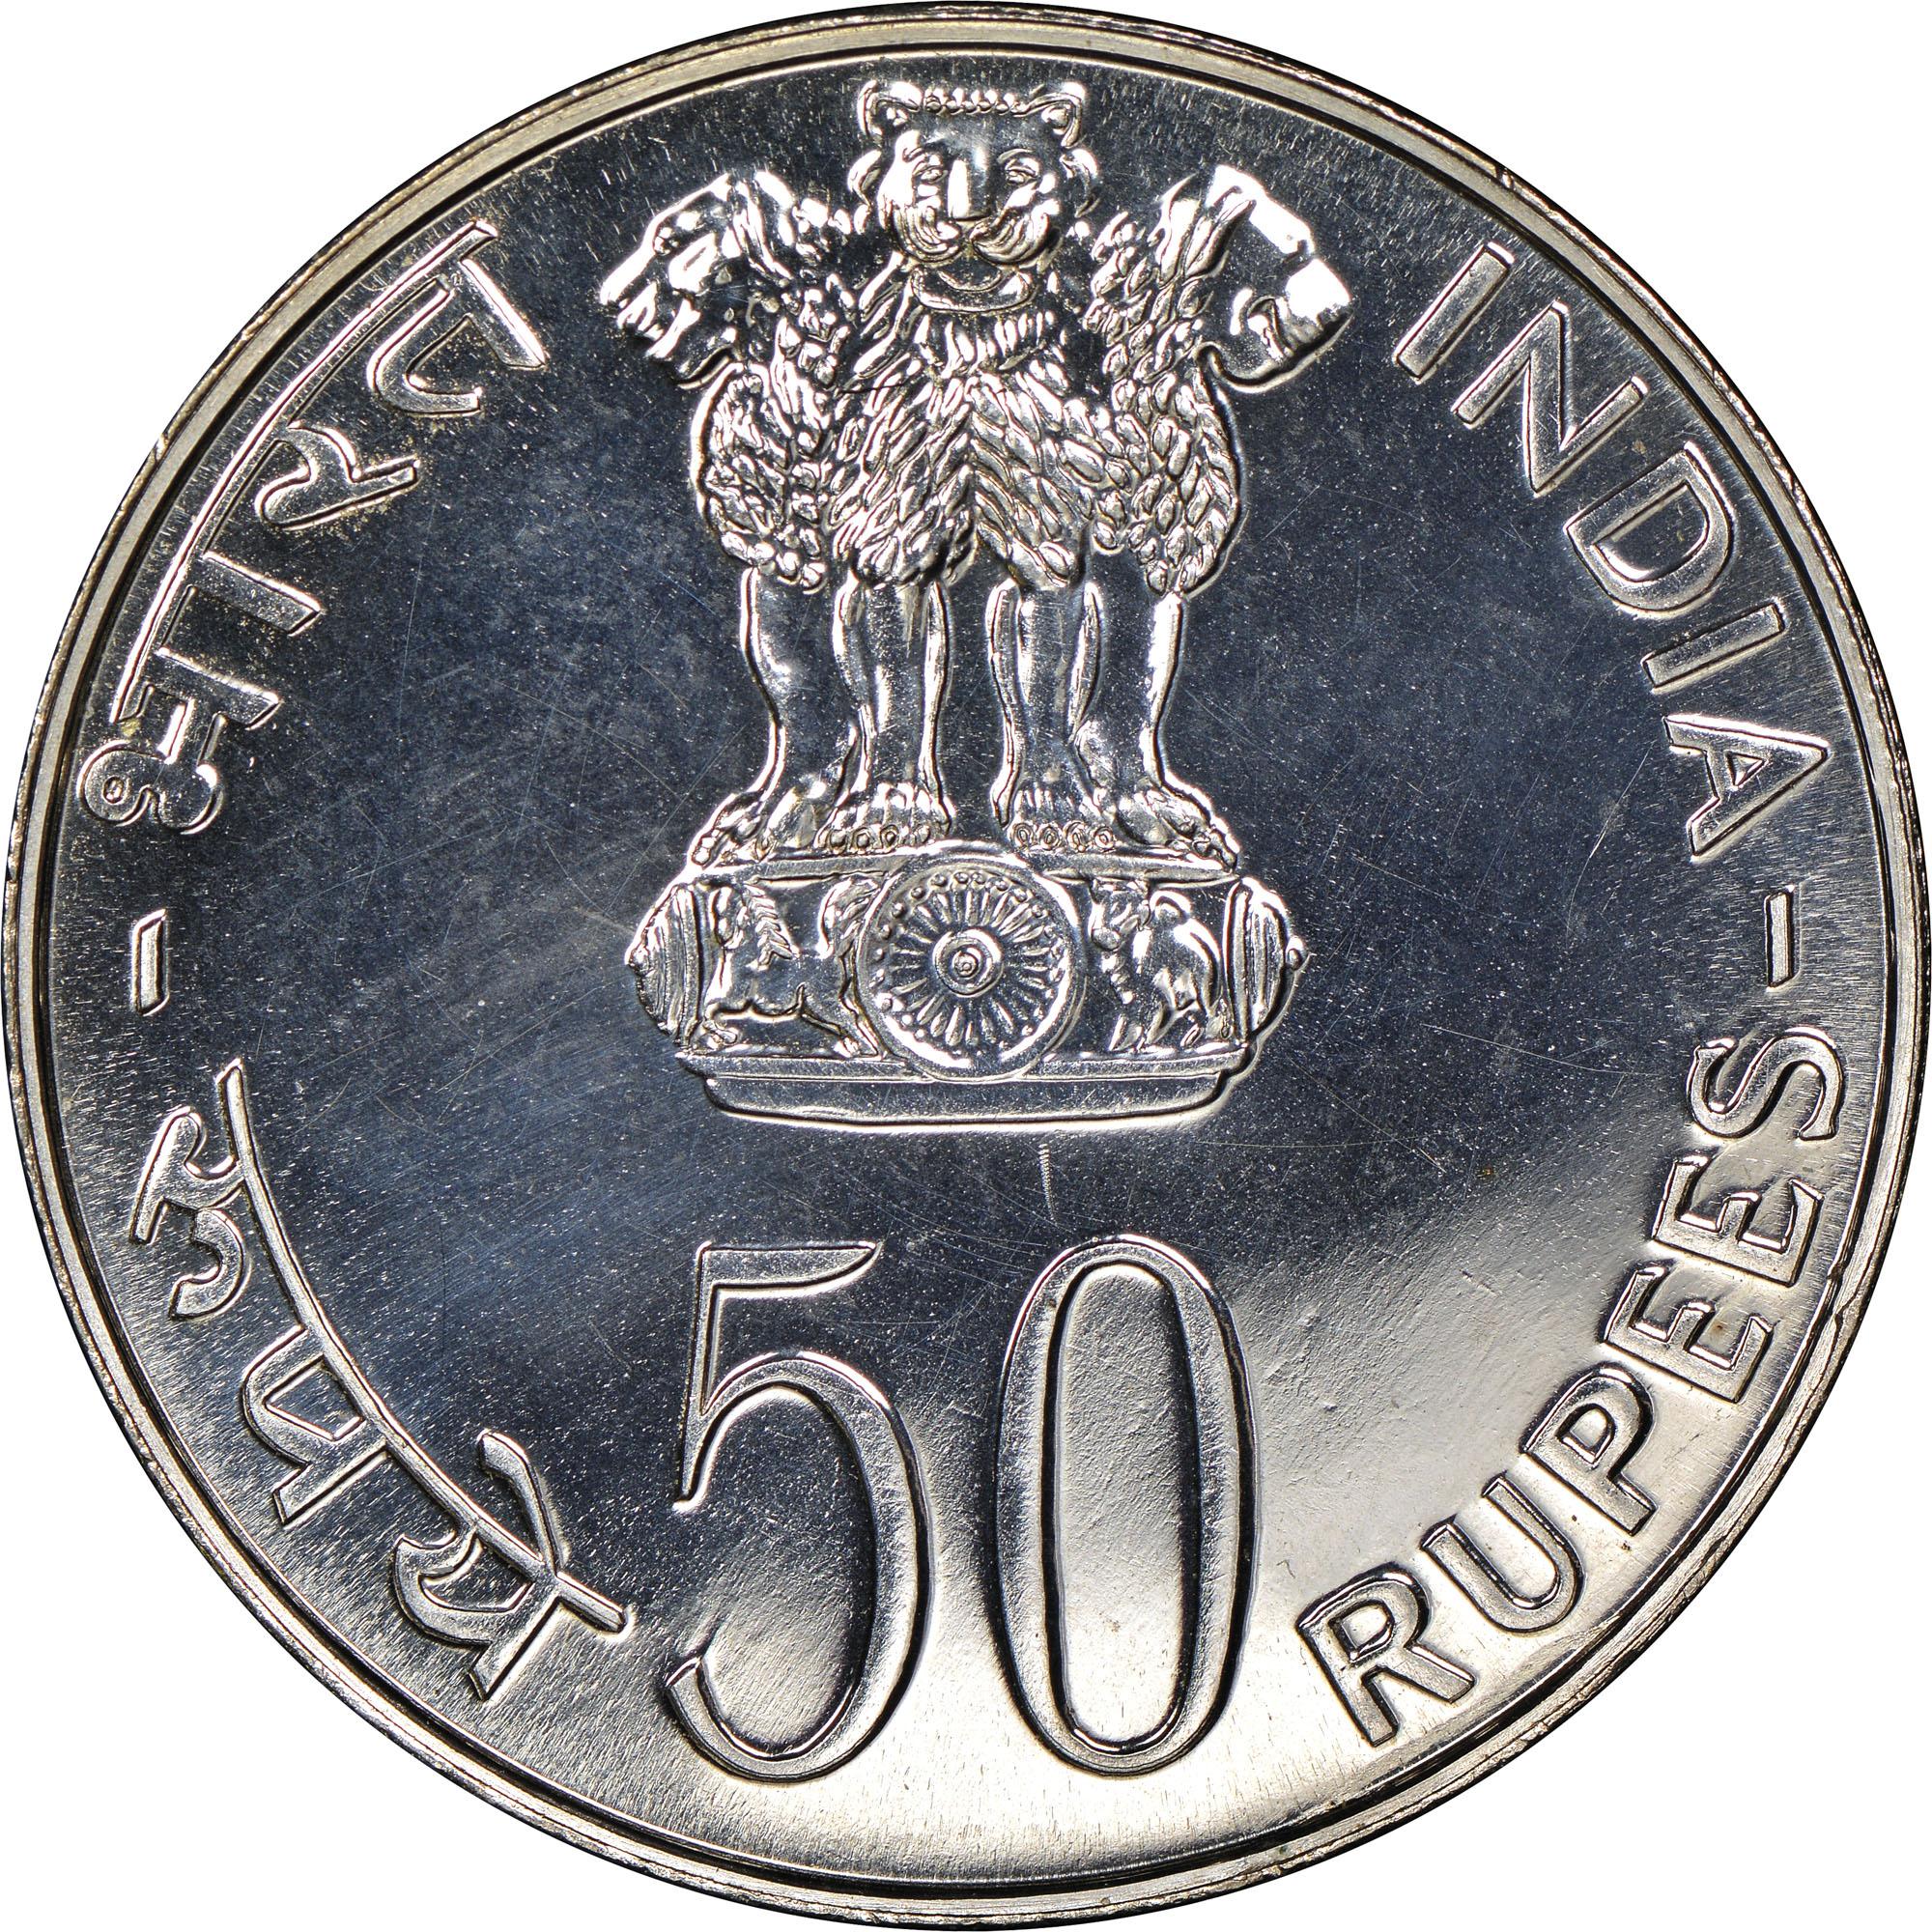 India-Republic 50 Rupees obverse